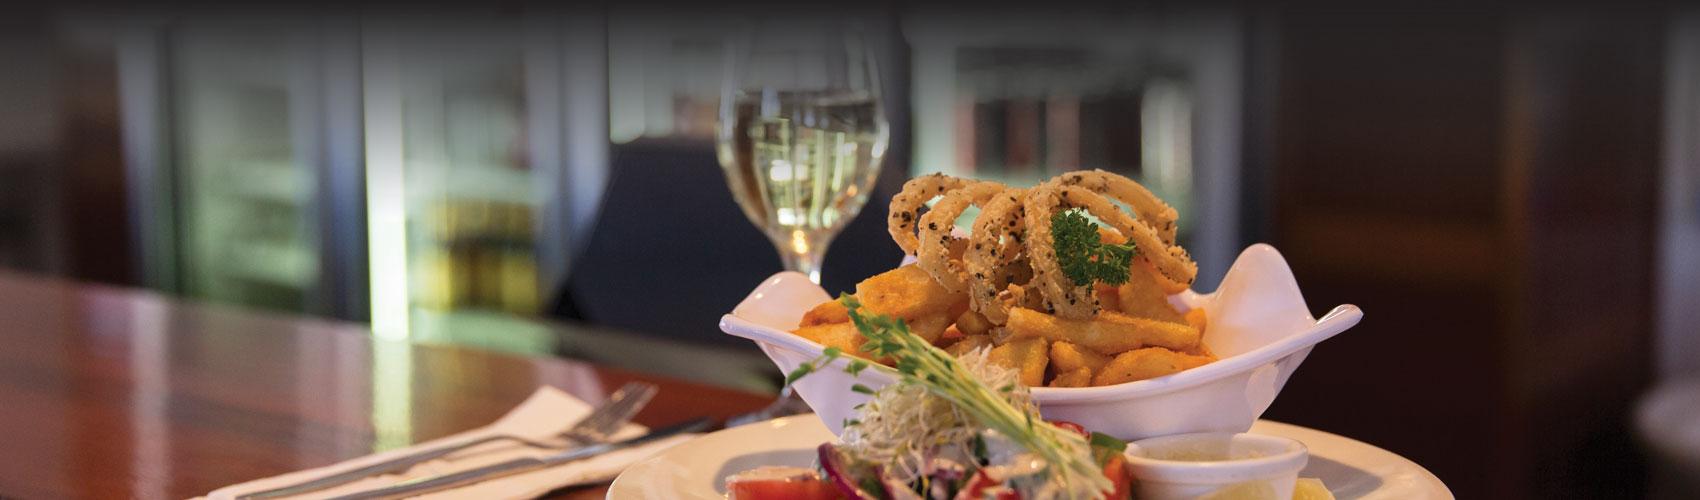 dining-slider1